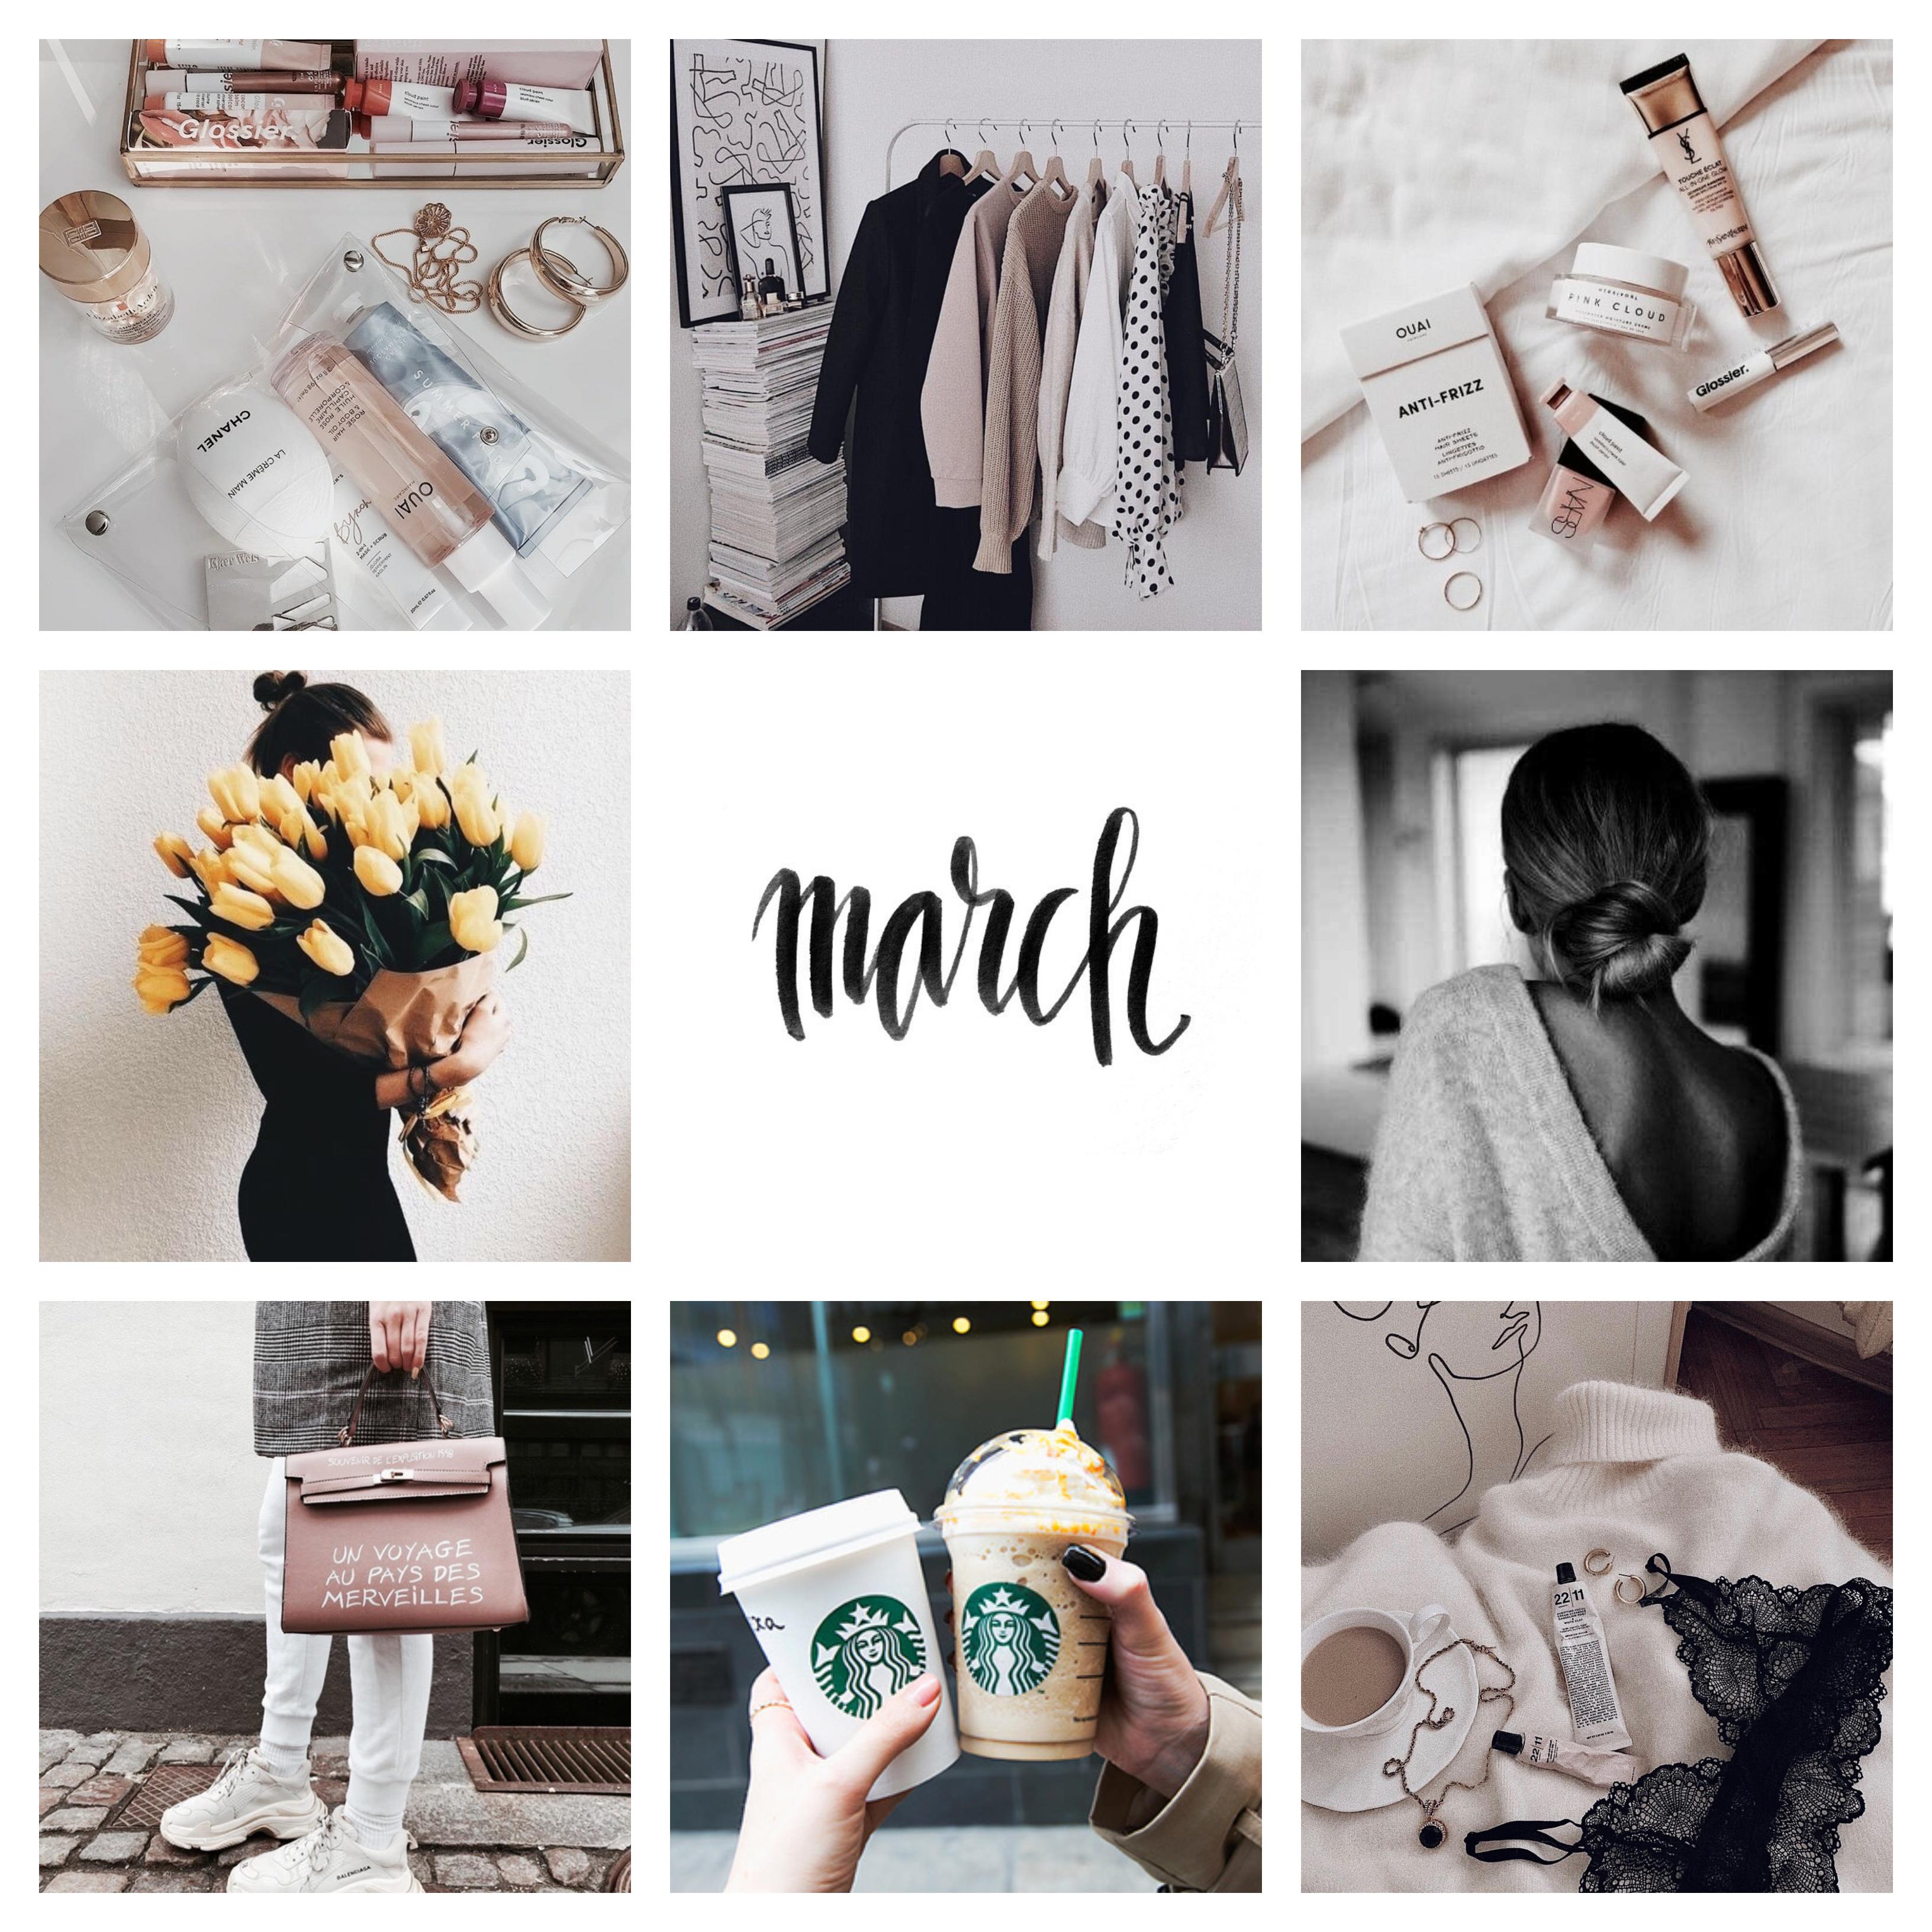 10 Ting jeg vil gjøre i mars!